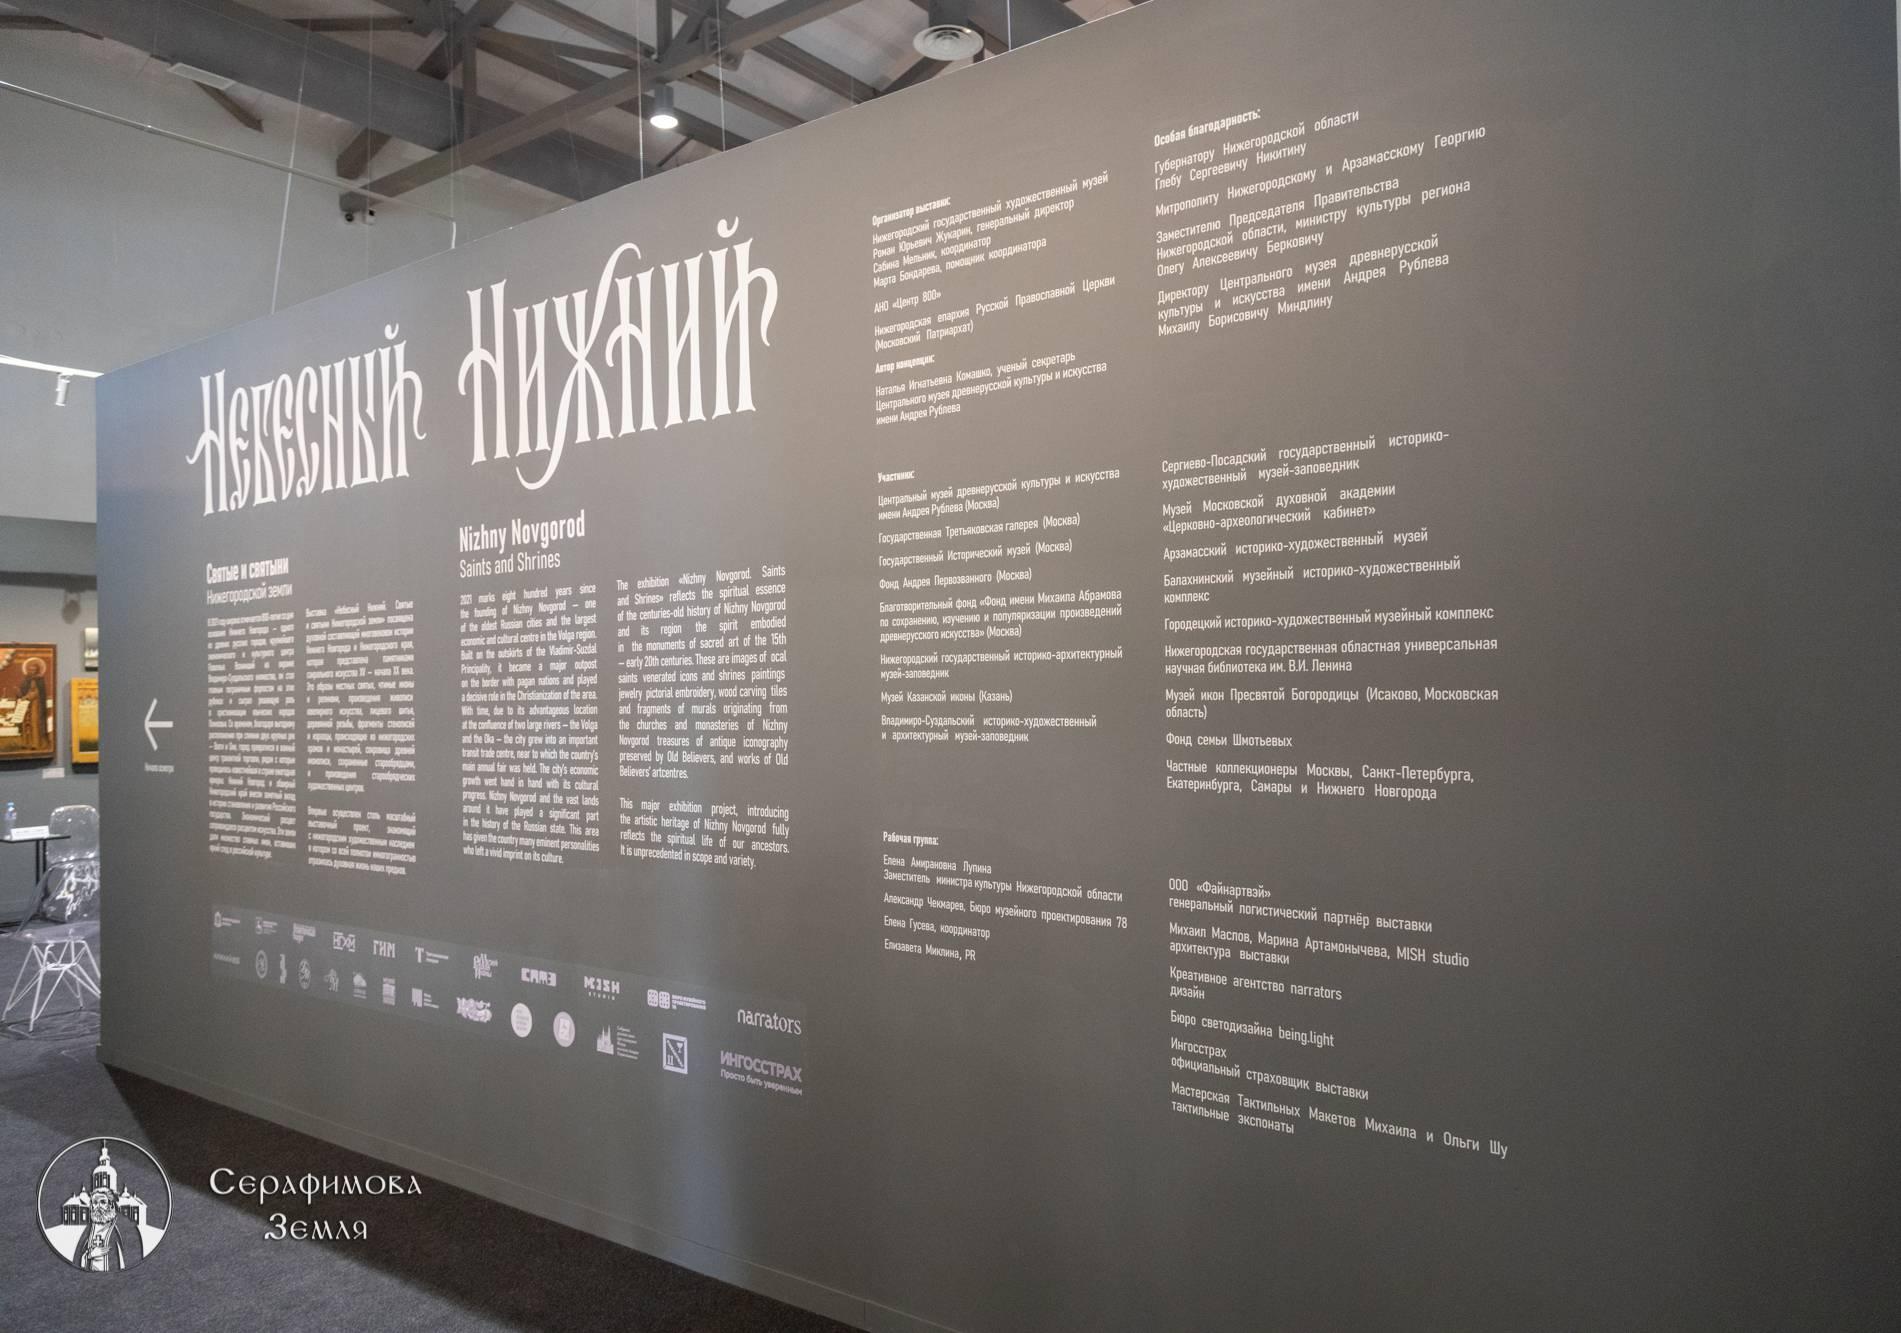 Выставка «Небесный Нижний. Святые и святыни Нижегородской земли» откроется в столице Приволжья